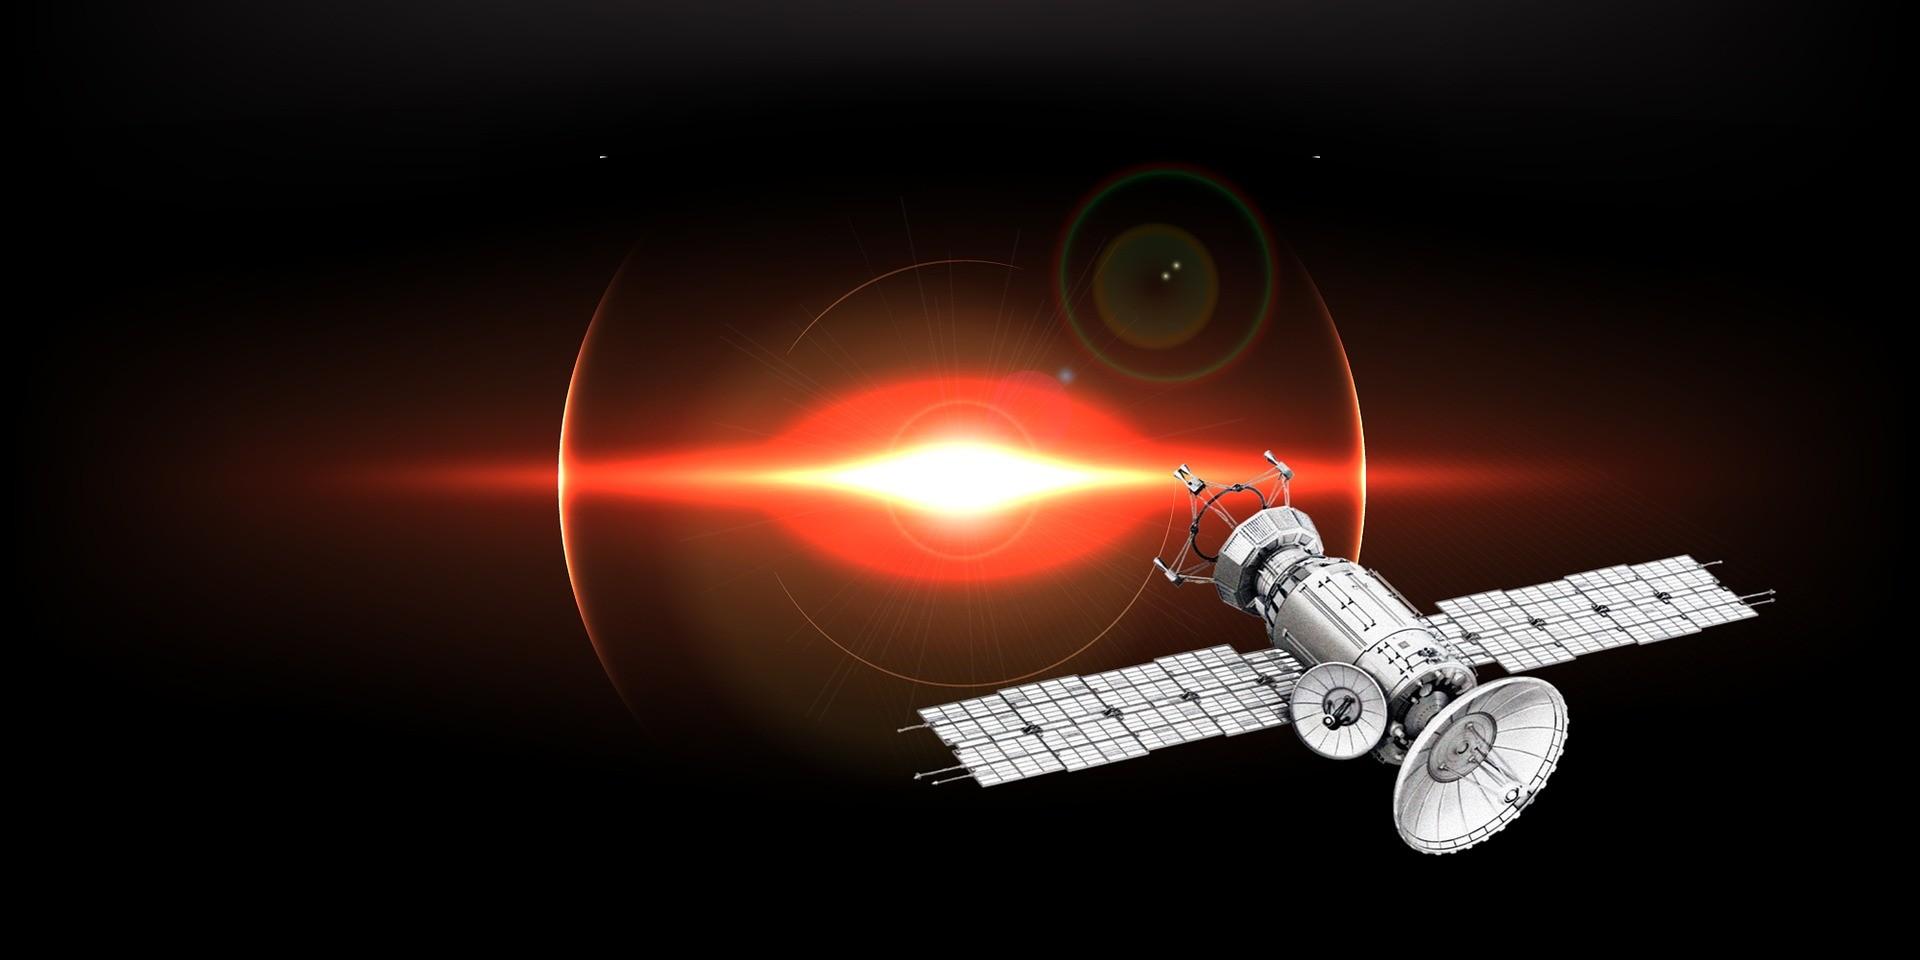 5944f2aac46188fb488b4607 - Científicos chinos logran una teletransportación cuántica a una distancia de 1.200 kilómetros